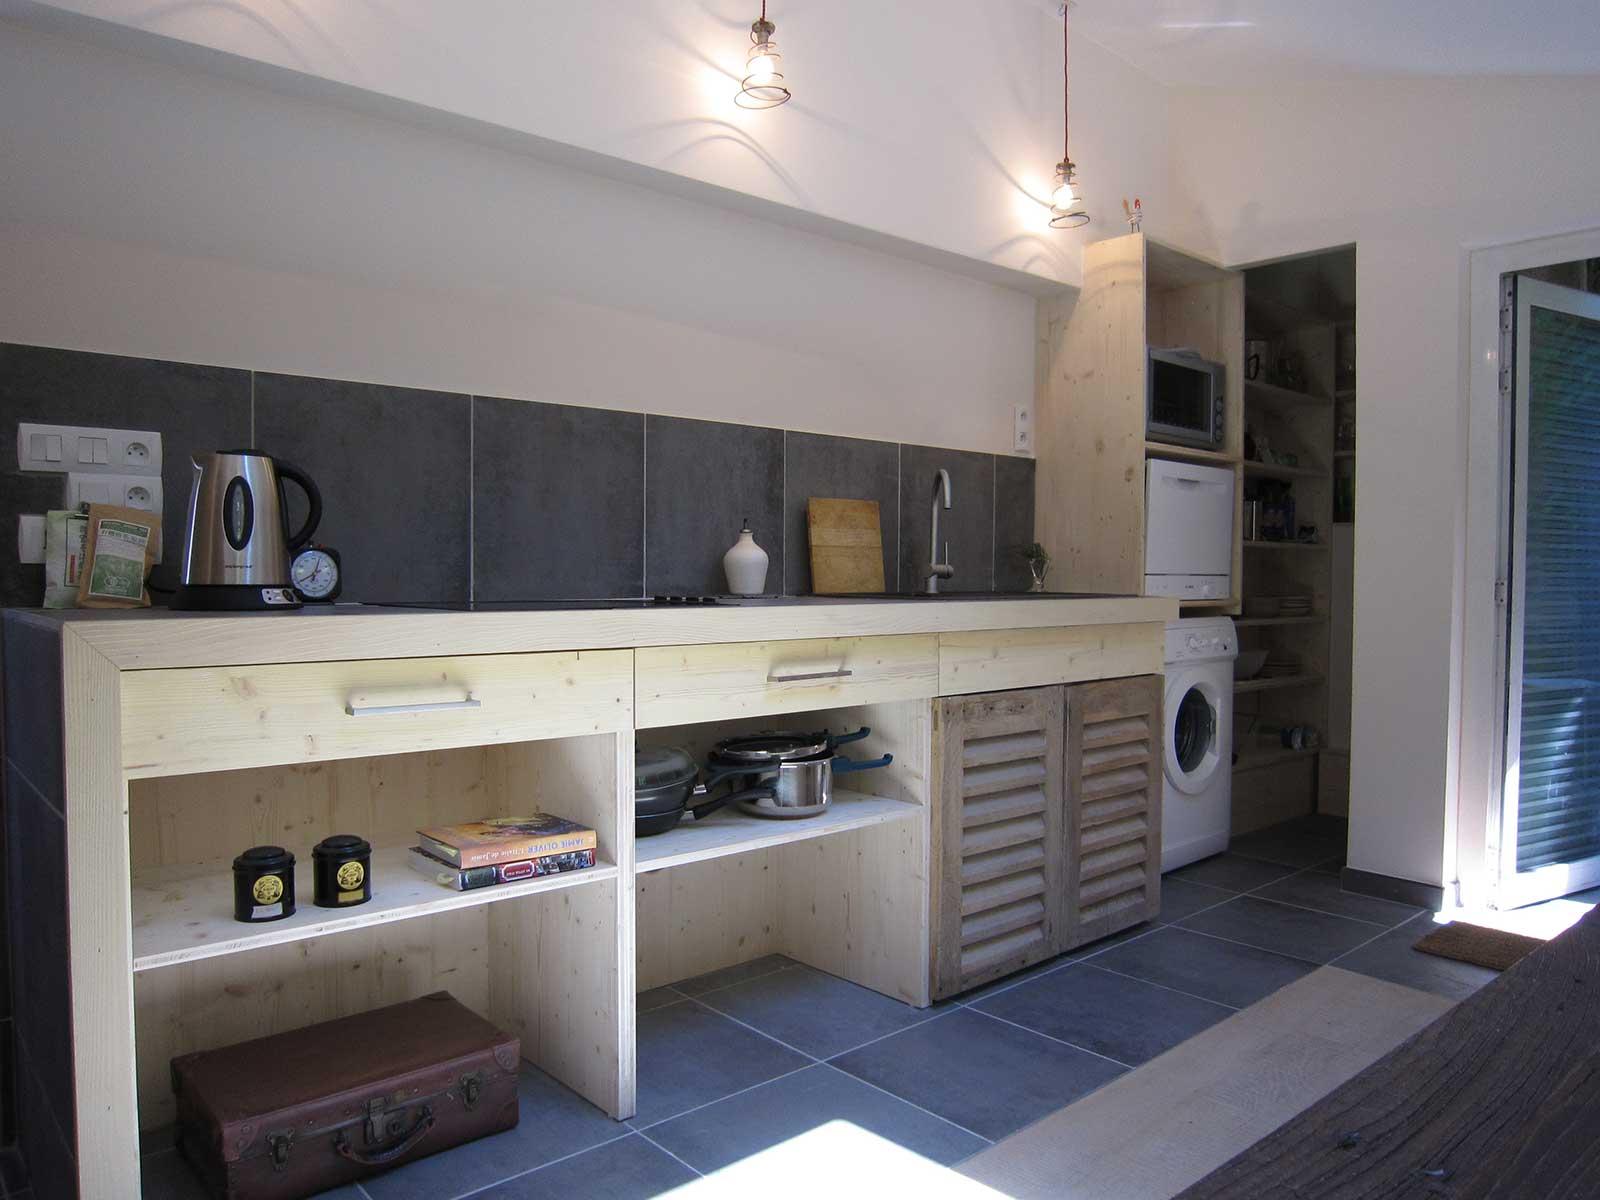 cuisine-cabane-apres-2